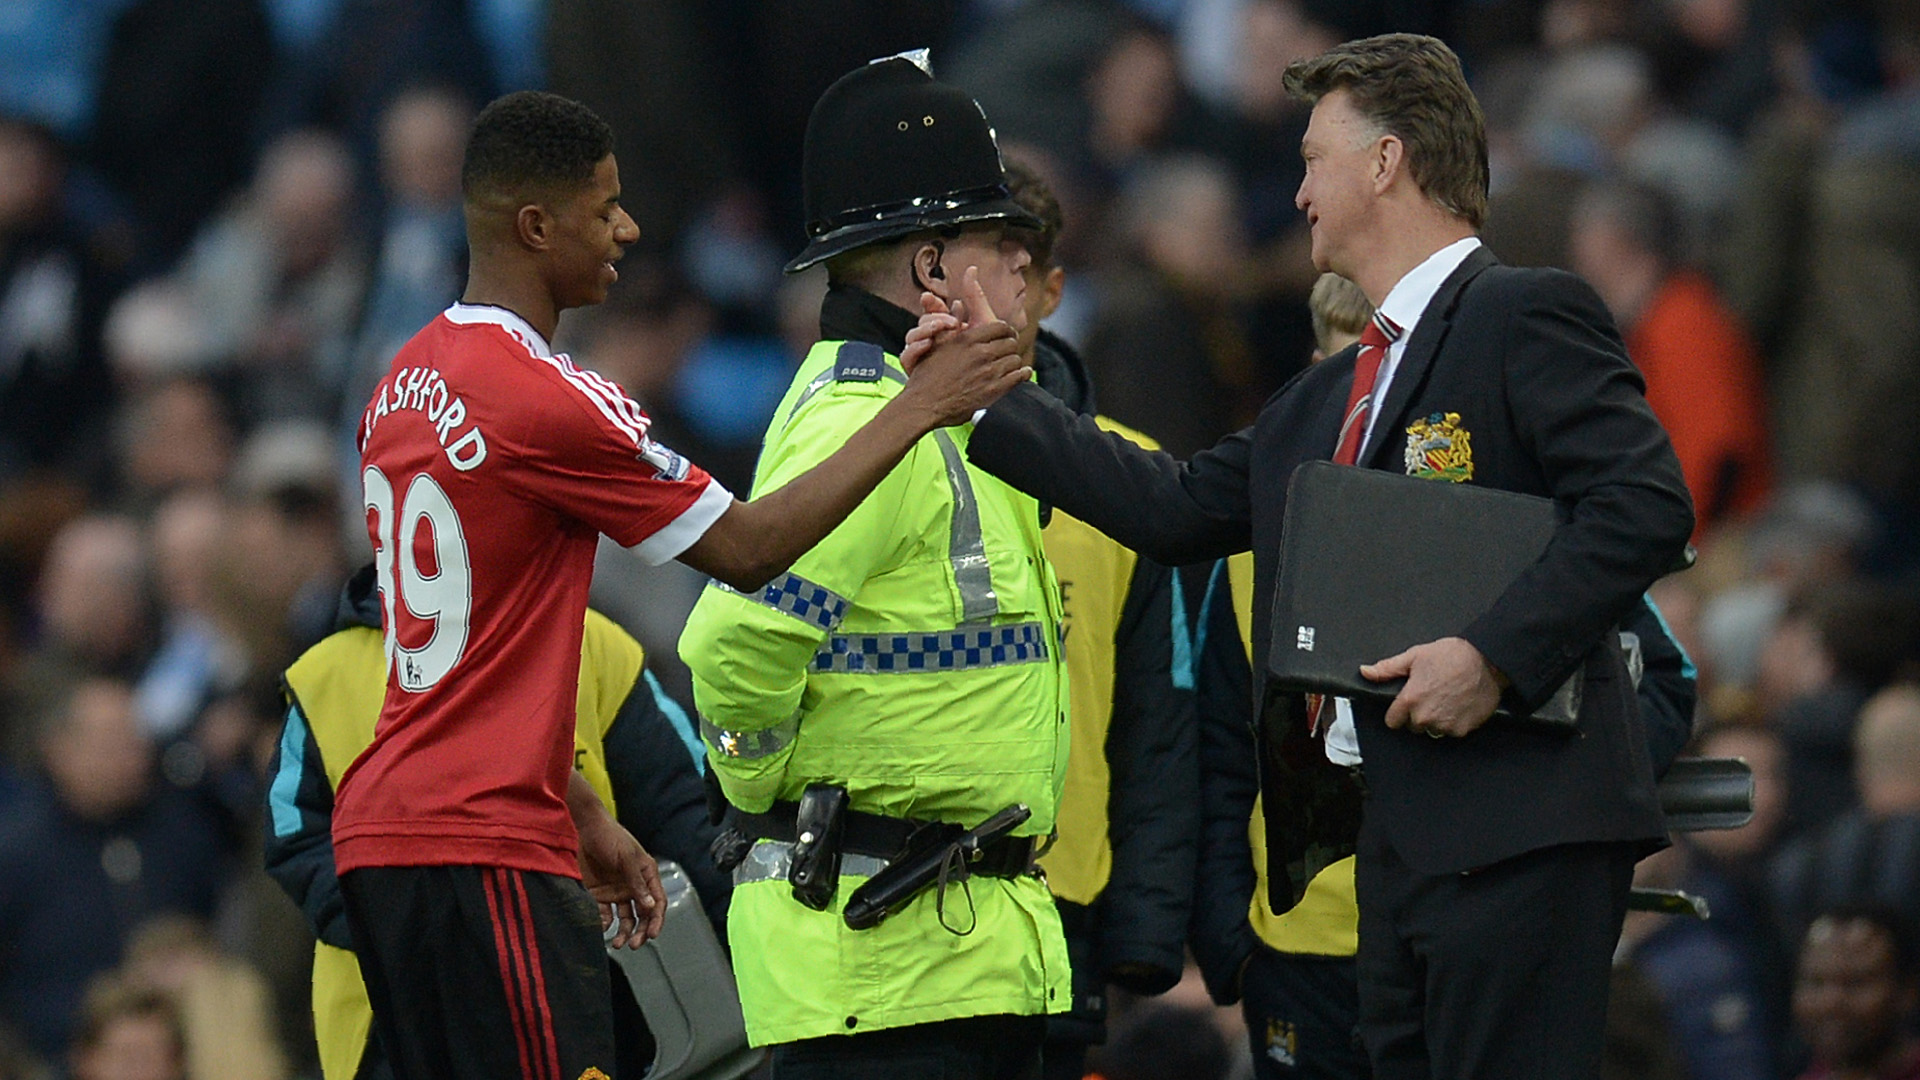 Marcus Rashford Louis van Gaal Manchester City Manchester United Premier League 03202016